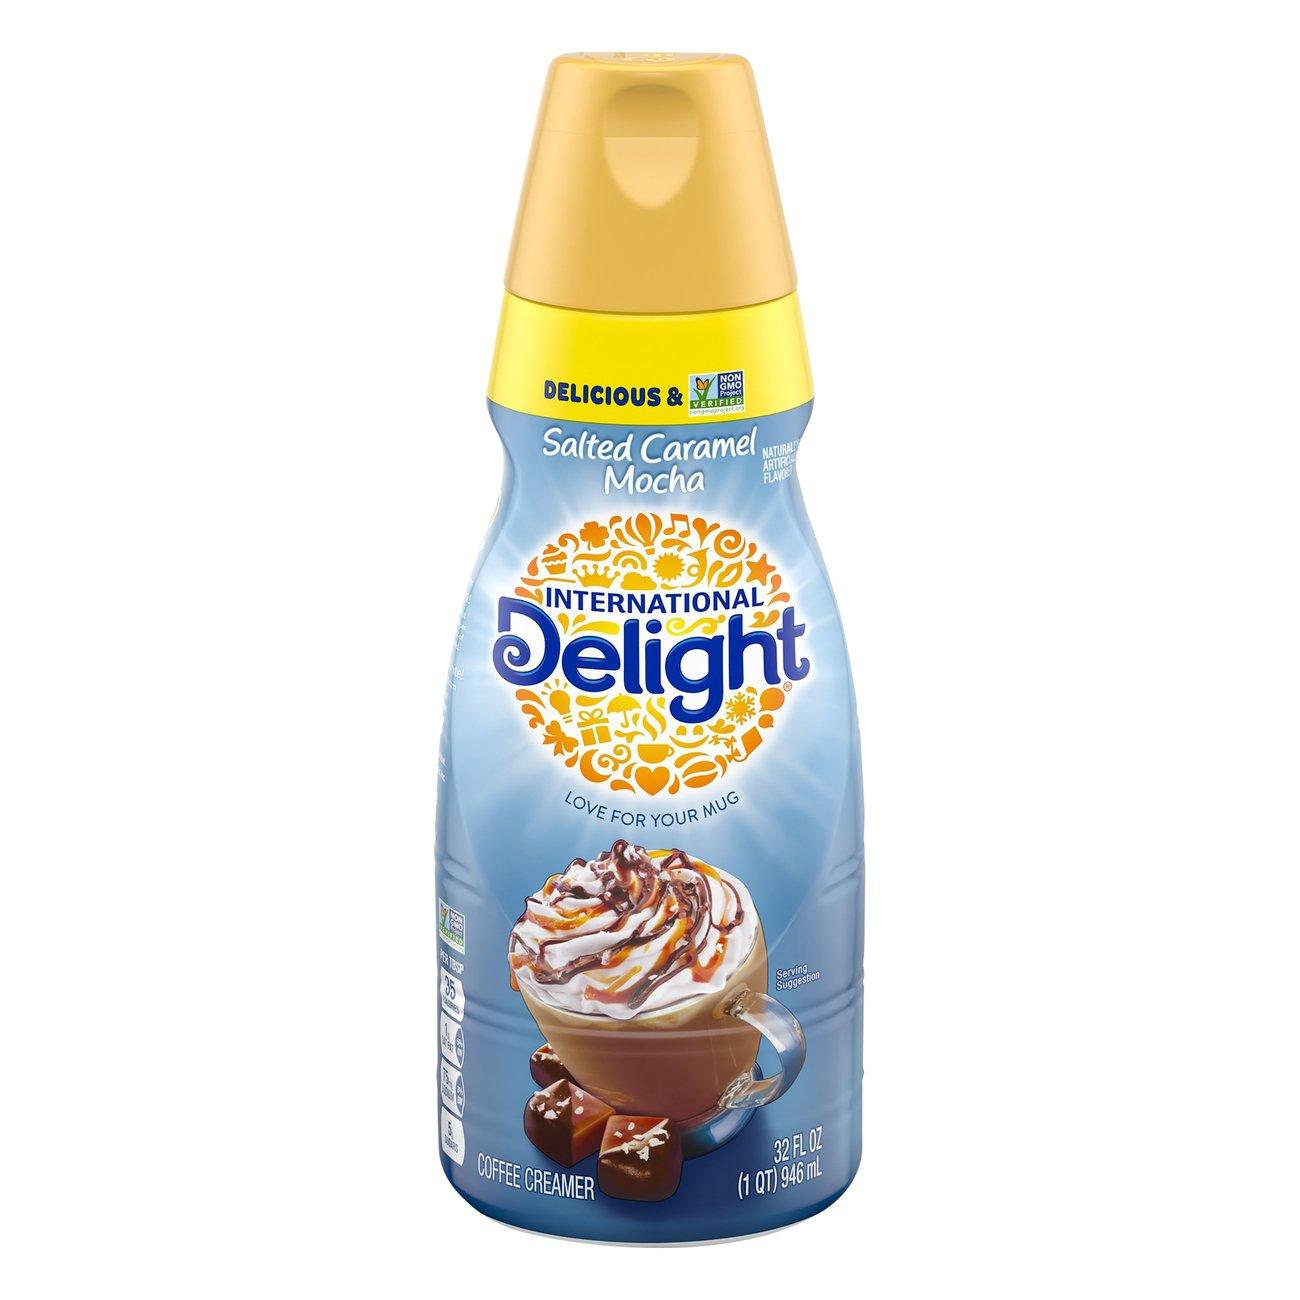 International Delight Salted Caramel Mocha Creamer